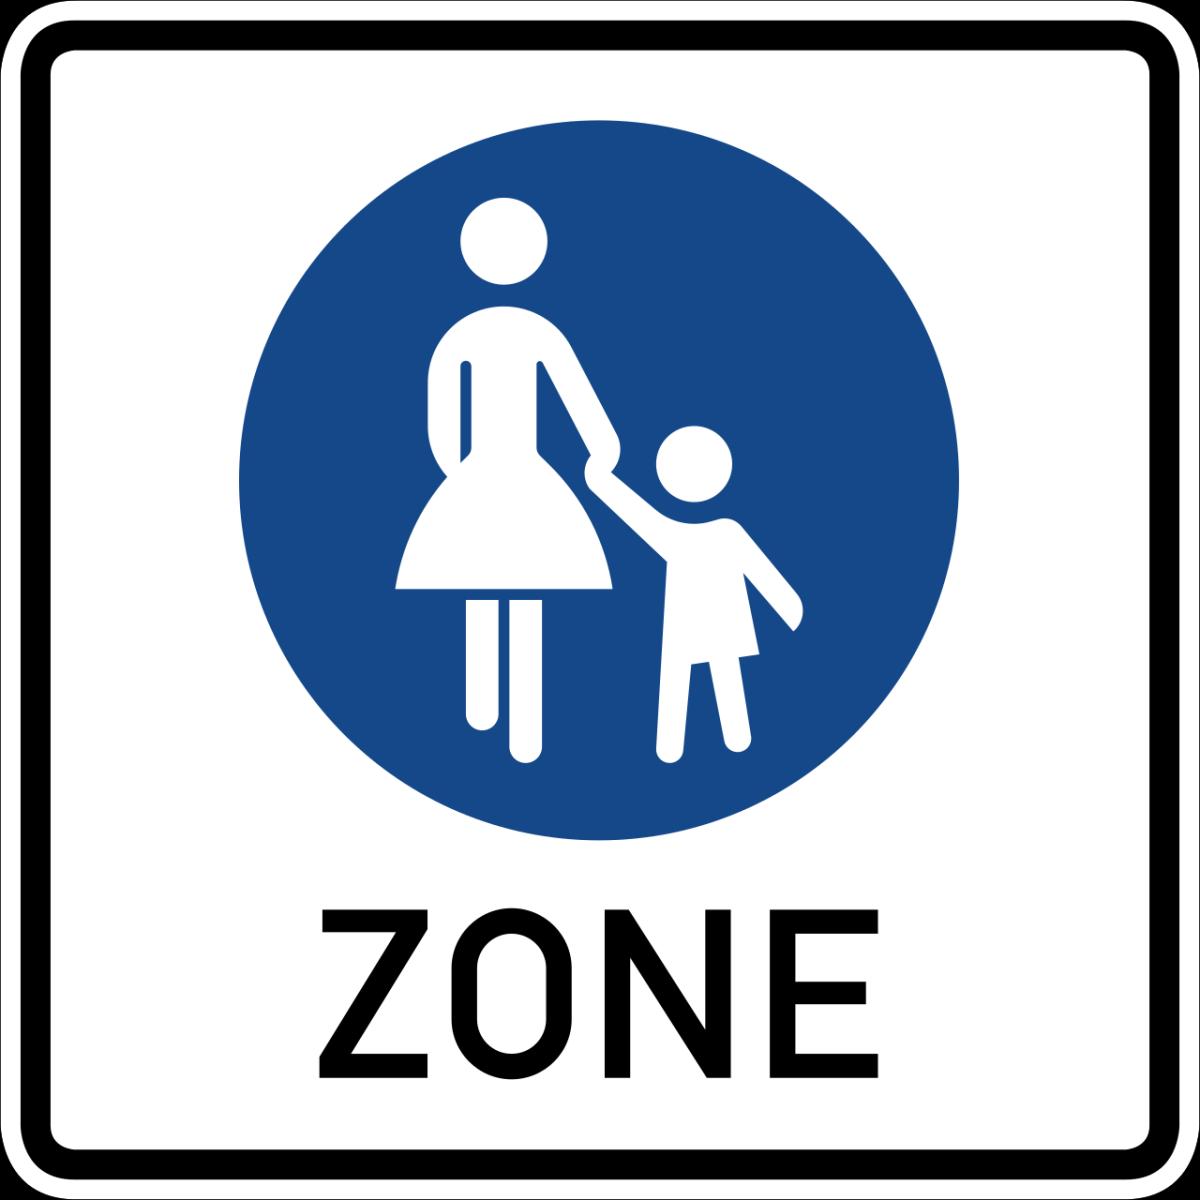 Beginn einer Fußgängerzone